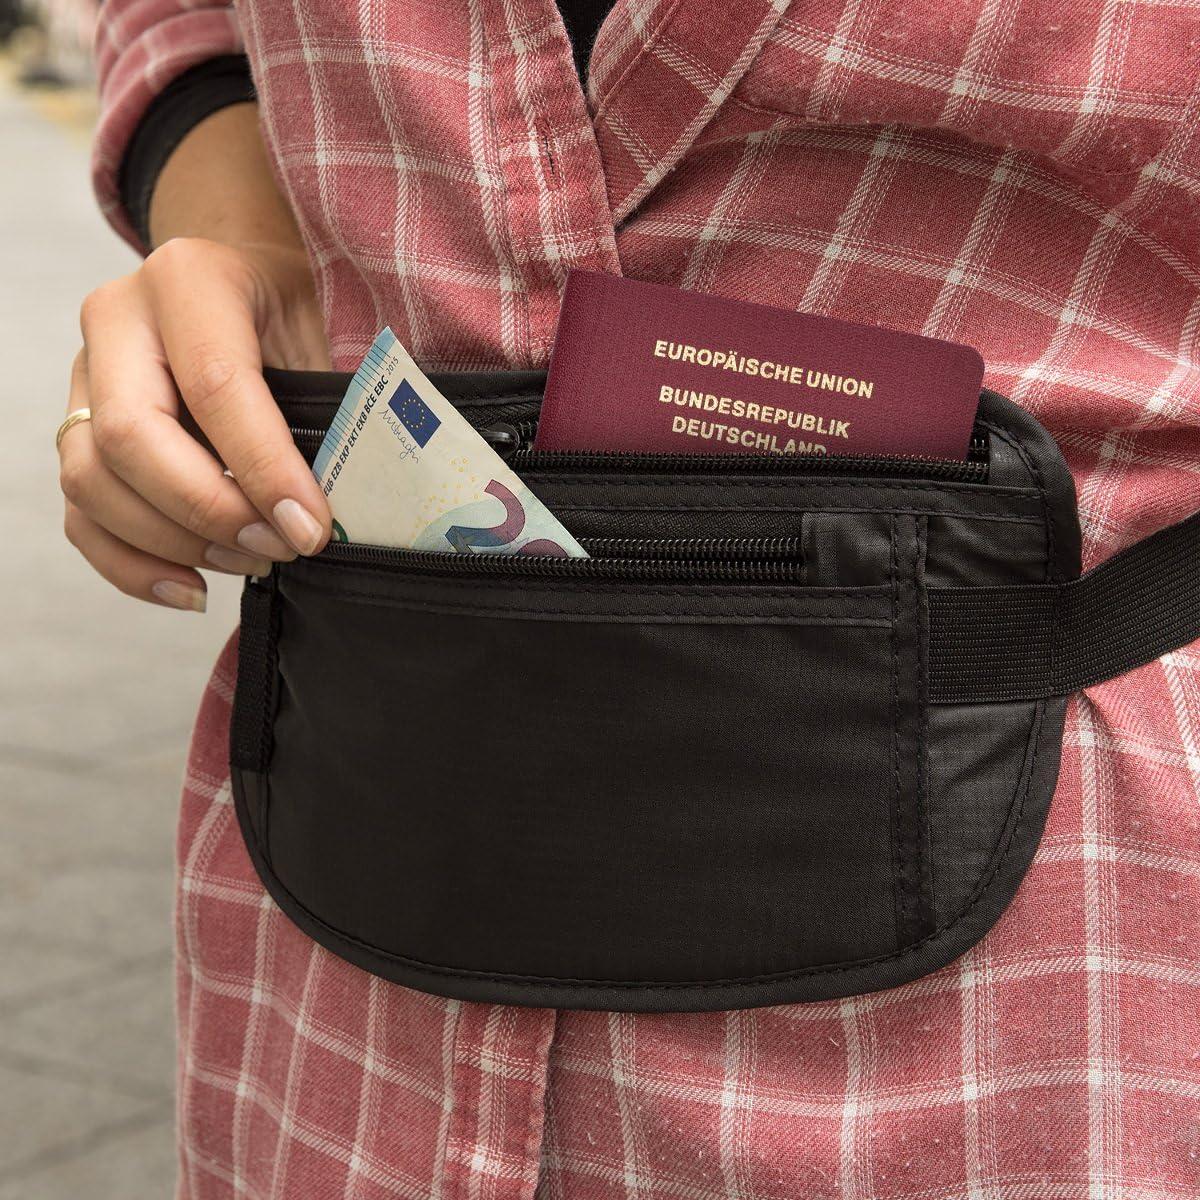 kwmobile Bauchtasche Karten Schutzh/ülle RFID-Blocker Reise-Bauchtasche Dokumententasche Schwarz Unisex Reiseg/ürtel Tasche Flache H/üfttasche mit RFID Schutz f/ür Reisen